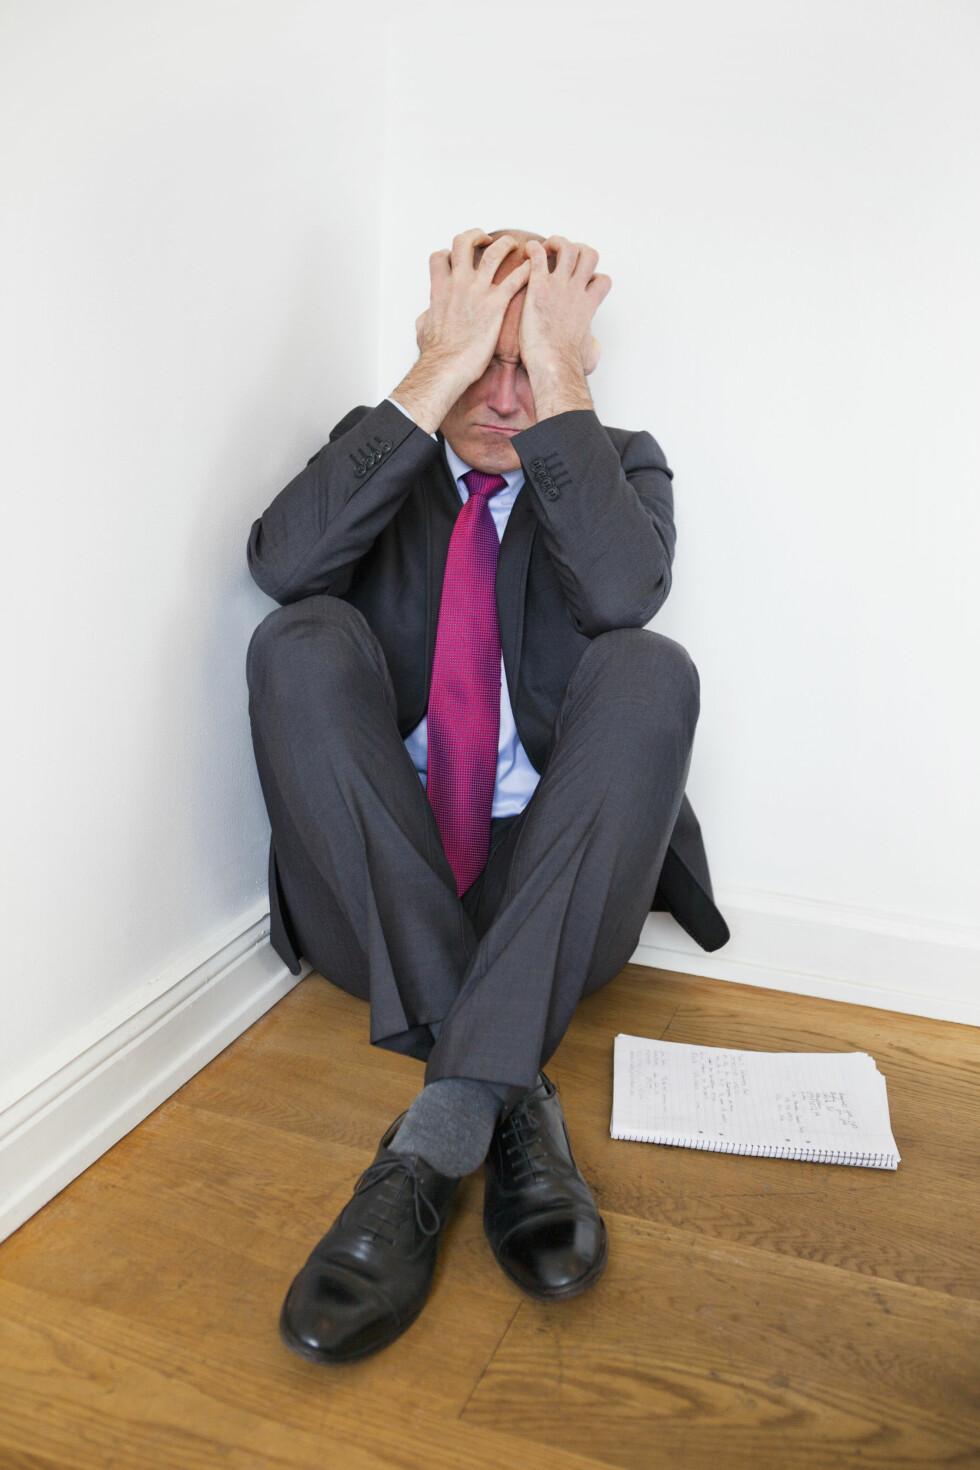 GITT OPP: Selvmord kan komme som et utfall av en rekke ulike årsaker. For menn er det ofte forbundet med skam. Foto: Scanpix/NTB